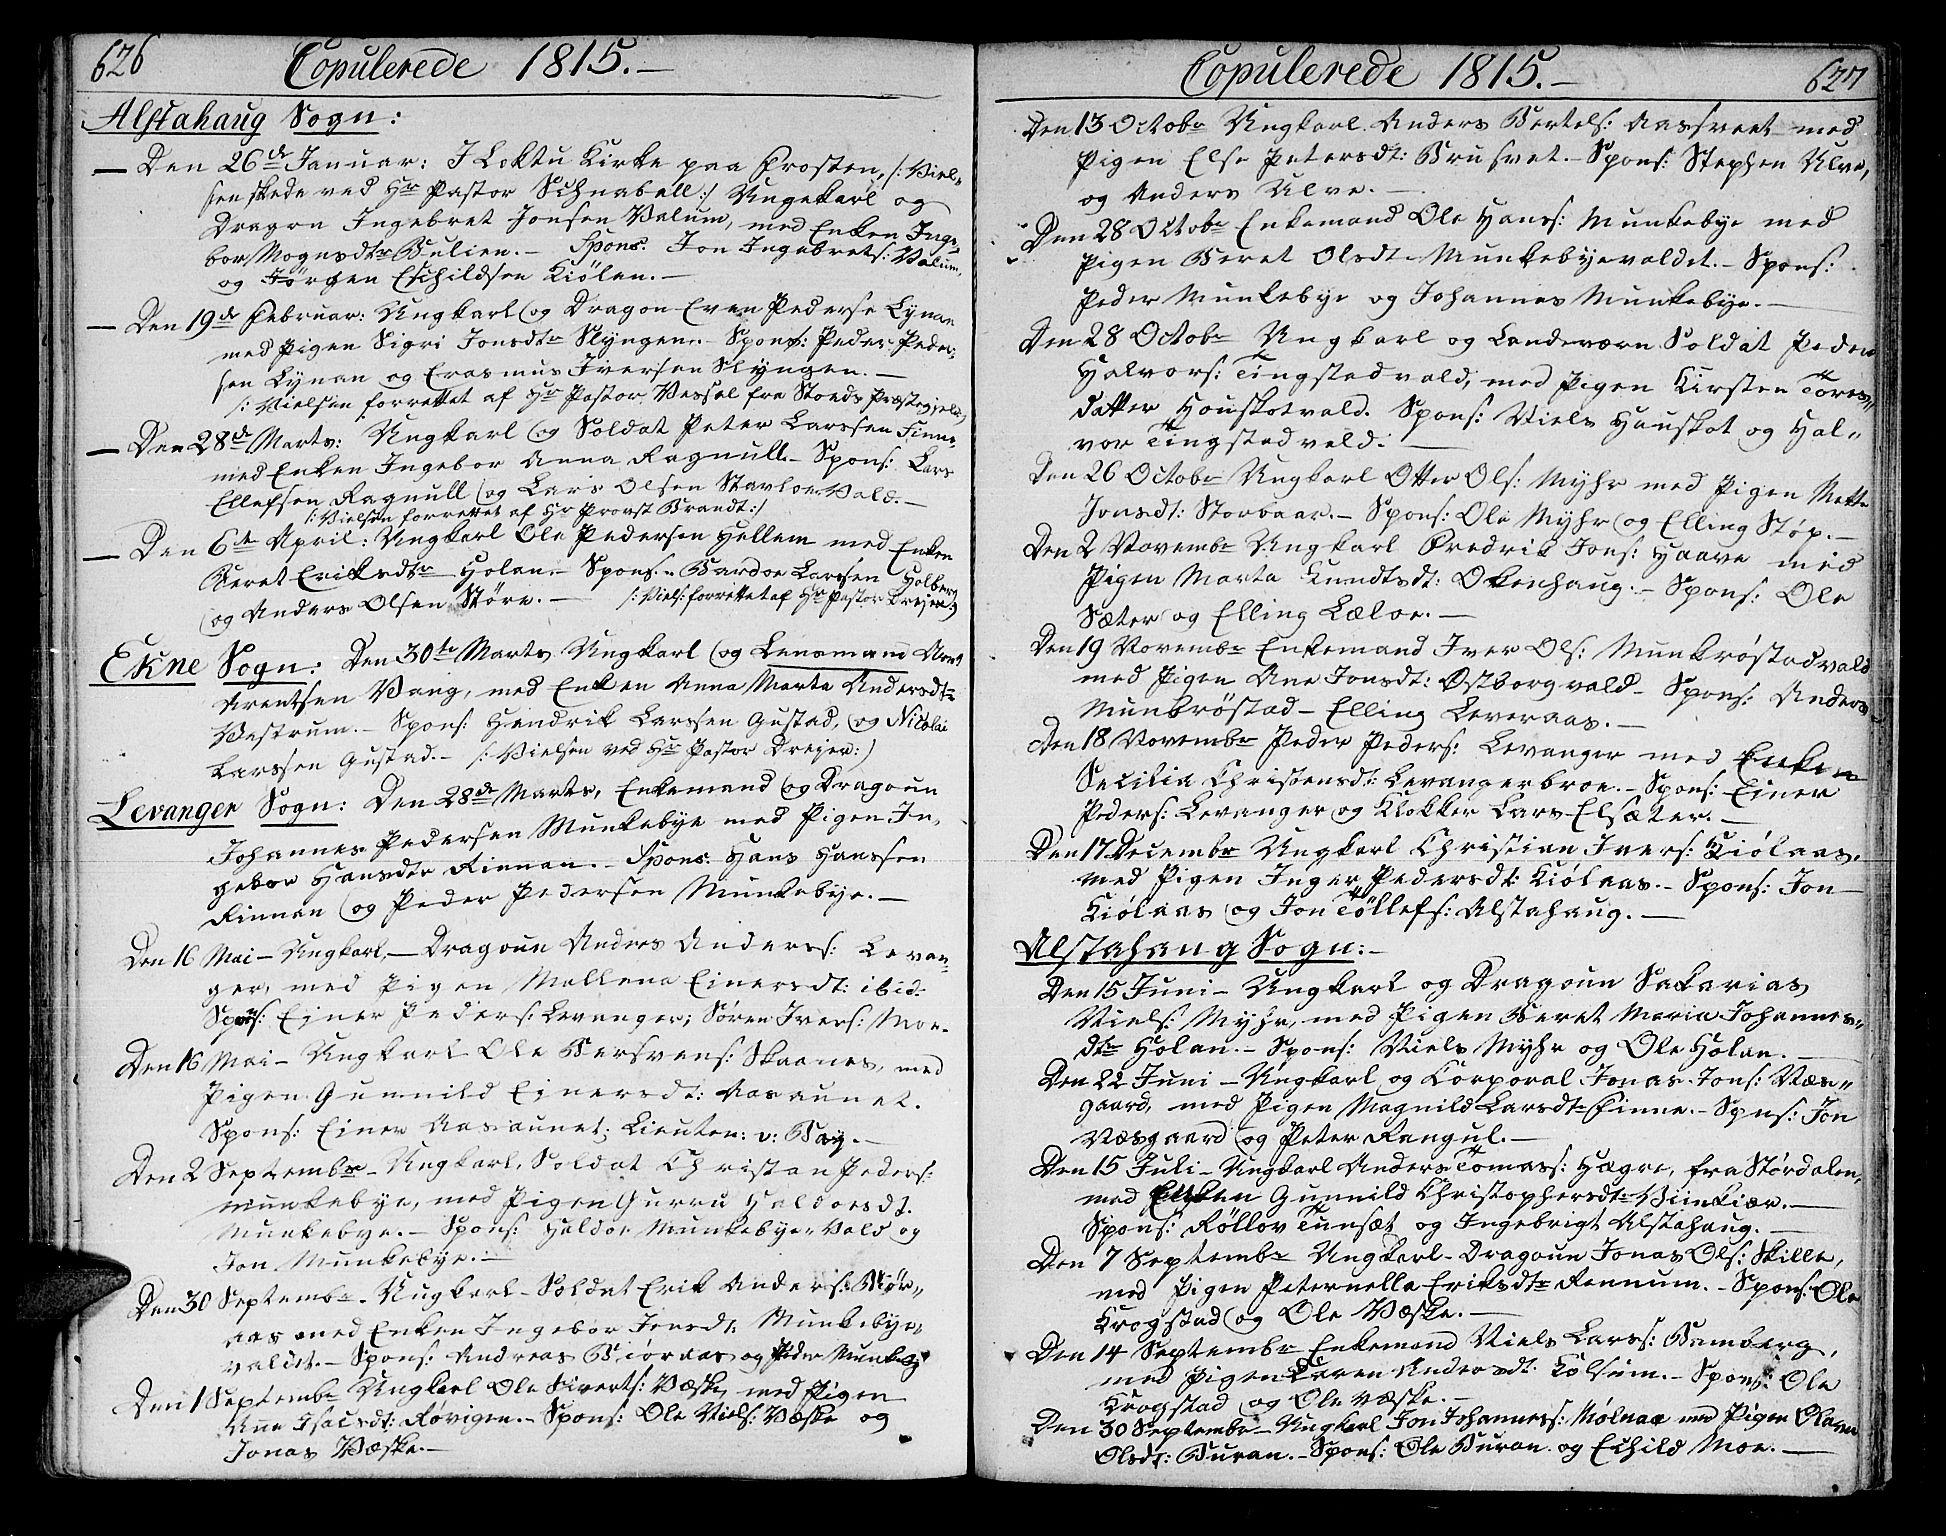 SAT, Ministerialprotokoller, klokkerbøker og fødselsregistre - Nord-Trøndelag, 717/L0145: Ministerialbok nr. 717A03 /1, 1810-1815, s. 626-627